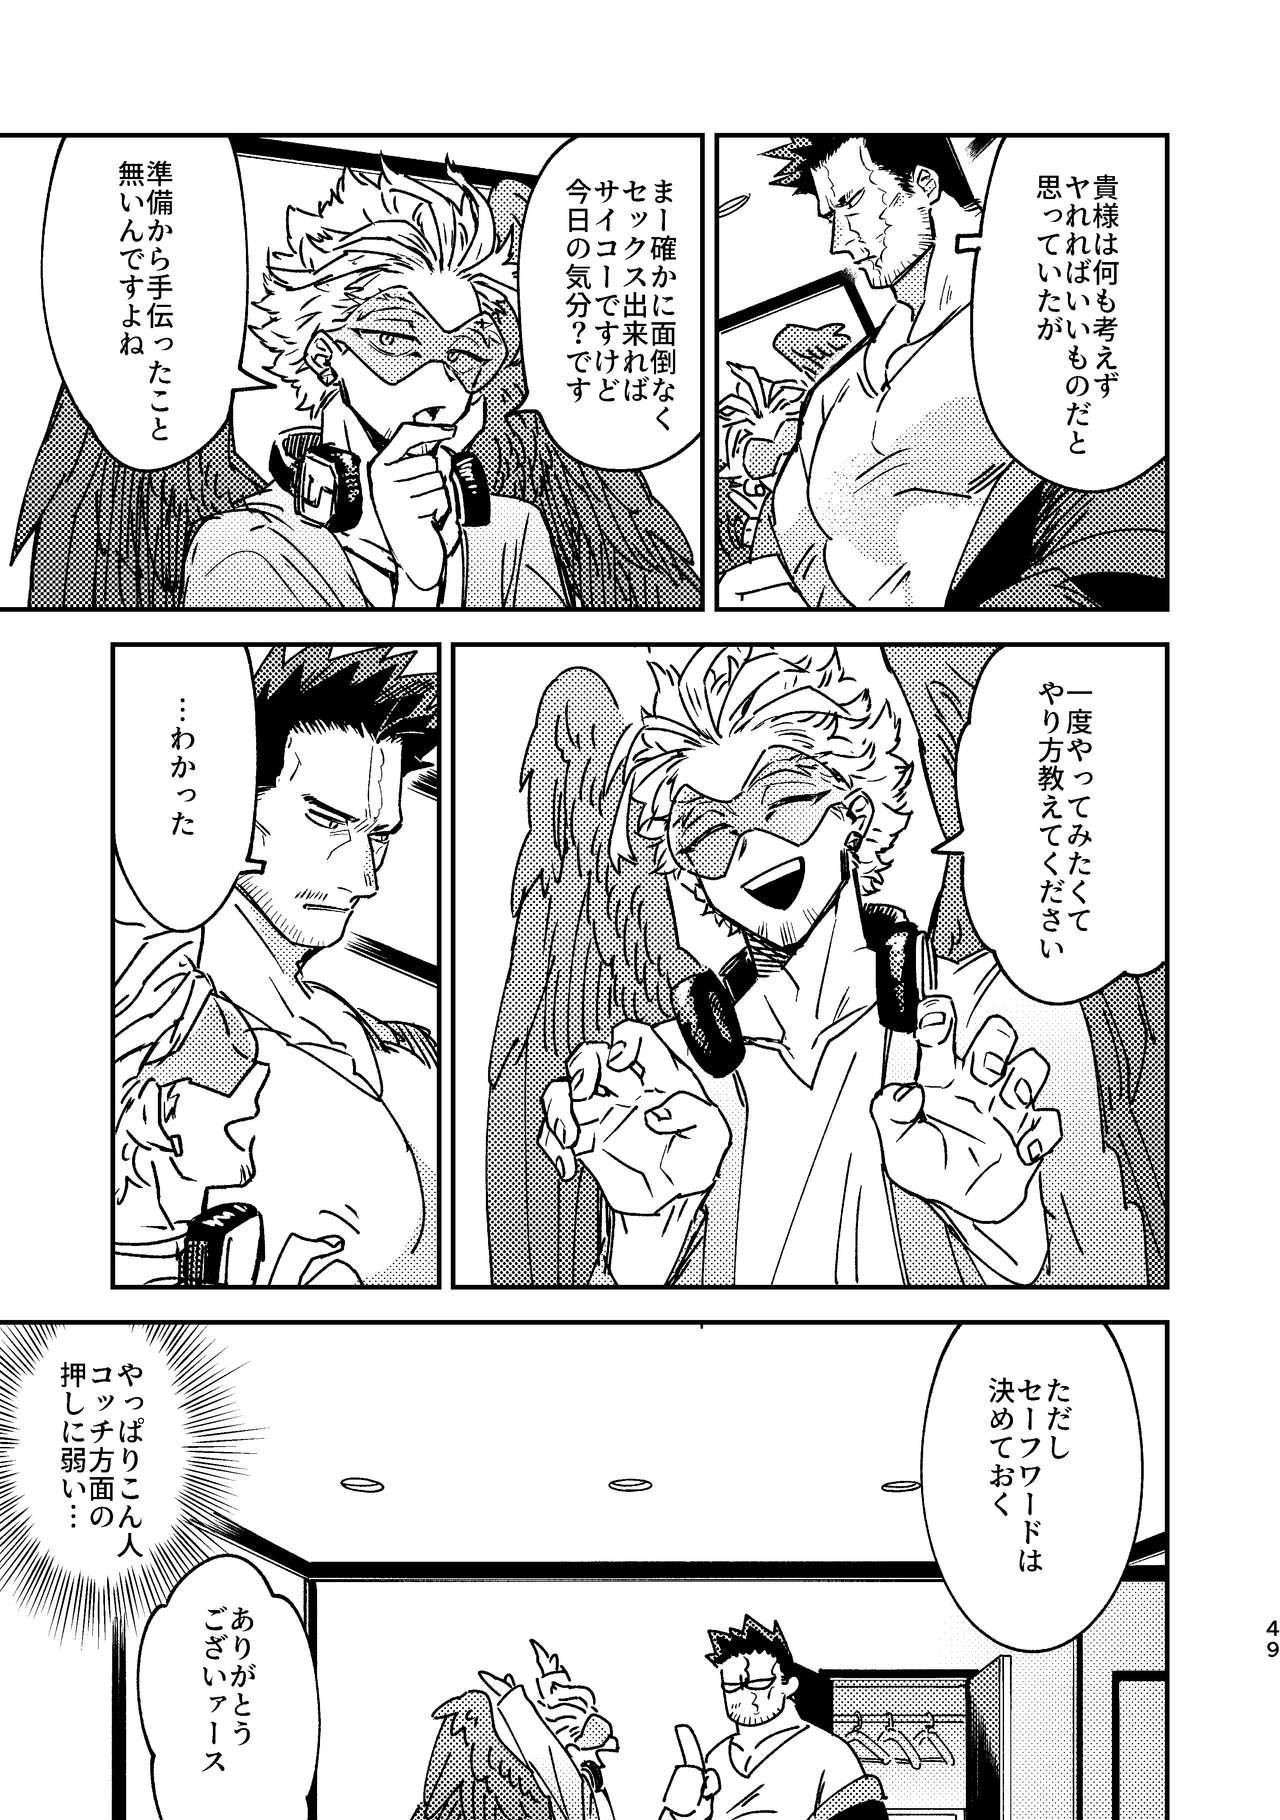 WEB Sairoku Zumi HawEn Manga ga Kami demo Yomeru Hon. 48